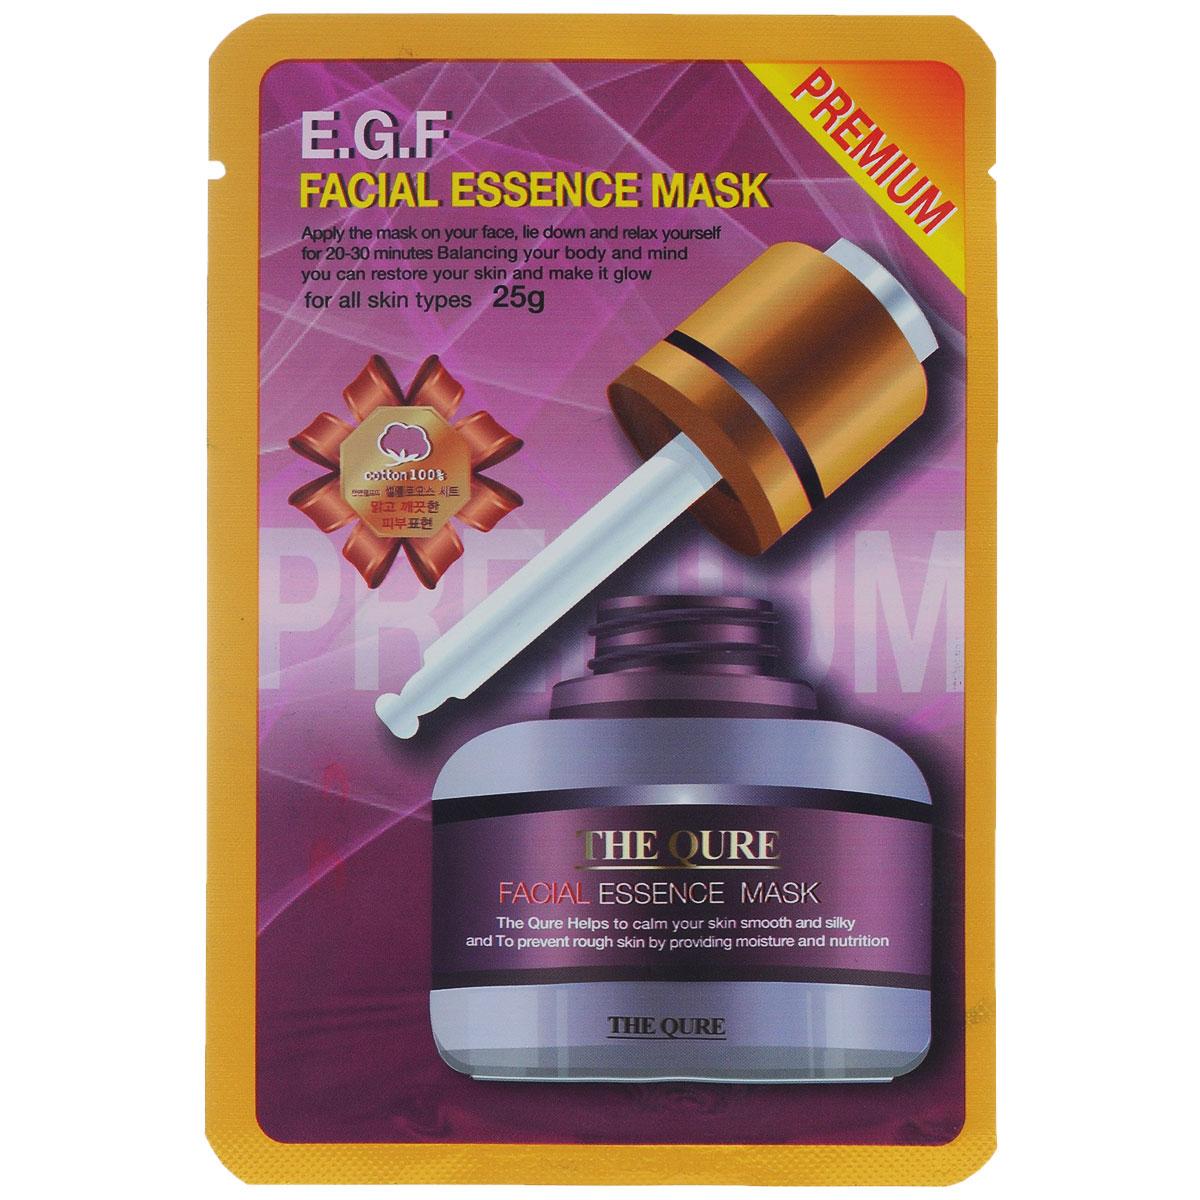 LS Cosmetic Маска для лица Регенерация и Омоложение , 25 г086-7-34332Лицевая маска-салфетка содержит EGF - Гепаринсвязанный эпидермальный фактор роста стволовых клеток, роста эпидермиса, регенерации клеток, замедляет процесс старения кожи, способствует обновлению клеток эпидермиса, сохраняя молодость кожи, защита кожи от повреждений и раздражений, улучшение цвета кожи. Фактор роста эпидермиса EGF представляет собой полипептид с небольшой молекулярной массой, который присутствует во многих тканях организма. Именно он подавляет работу гена, отвечающего за старение, стимулируя активность и рост клеток кожи. EGF восстанавливает структуру кожи и приводит ее в идеальное состояние. Кроме того, он является источником здоровья и красоты кожи, так как глубоко увлажняет ее и улучшает синтез макромолекулярных белков, обеспечивающих её эластичность.3 научно доказанных свойства EGF: Восстанавливает эпидермис - способствует росту клеток эпидермиса, снимает покраснения, уменьшает сосудистые звездочки на лице, помогает быстрому заживлению кожи после пластических операций и др. Большое количество активных компонентов бережно восстанавливают структуру кожи, ее упругость и эластичность, интенсивно питают, увлажняют, насыщают. Улучшает цвет кожи - способствует улучшению метаболизма клеток, препятствует проявлению пигментации, предупреждает образование темных пятен после приема солнечных процедур. Усиливает и улучшает кровообращение эпидермиса, делает цвет кожи естественным и здоровым. Борьба с возрастными изменениями кожи. Способствует росту и делению клеток эпидермиса, удалению ороговевших клеток, помогает разглаживанию морщин, делает кожу гладкой, упругой и нежной, оказывает омолаживающее воздействие на кожу. Защищает кожу от повреждений и раздражений - усиливает воздействие гена BCL-2, задерживающего старение клеток; обладает ранозаживляющей способностью, уменьшает вредное воздействие ультрафиолетового излучения, низких температур, негативные последствия приёма лекарственных препарат